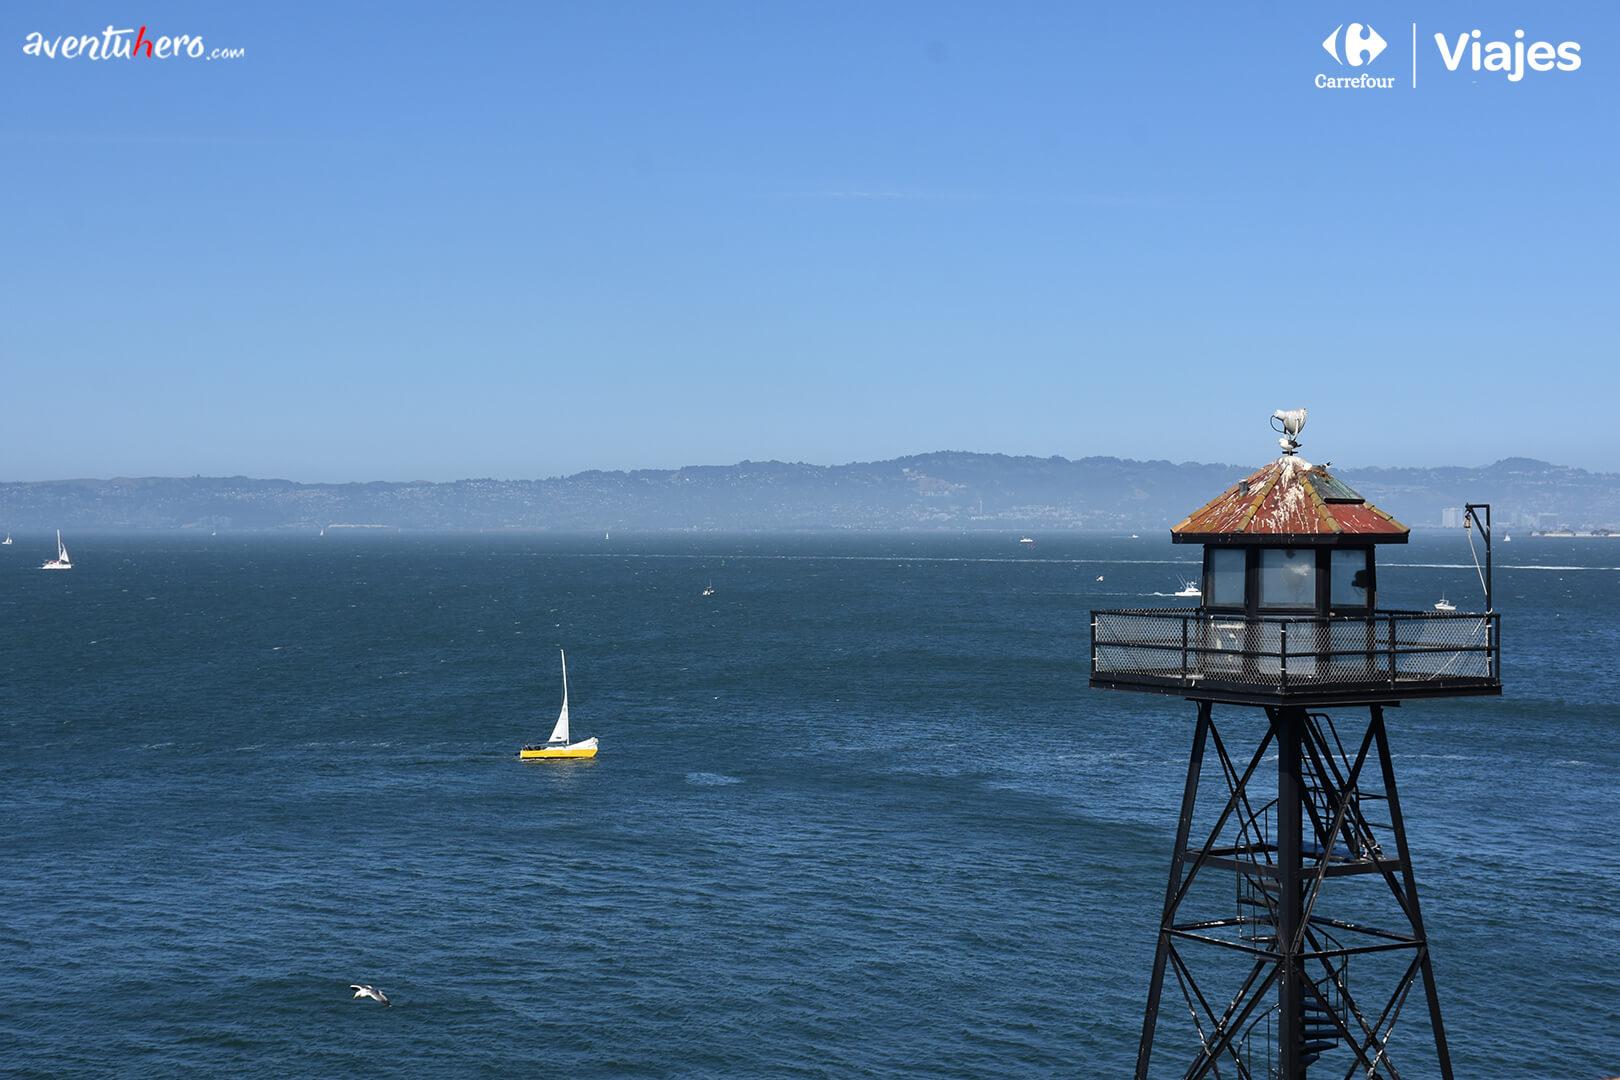 Torre de control alcatraz